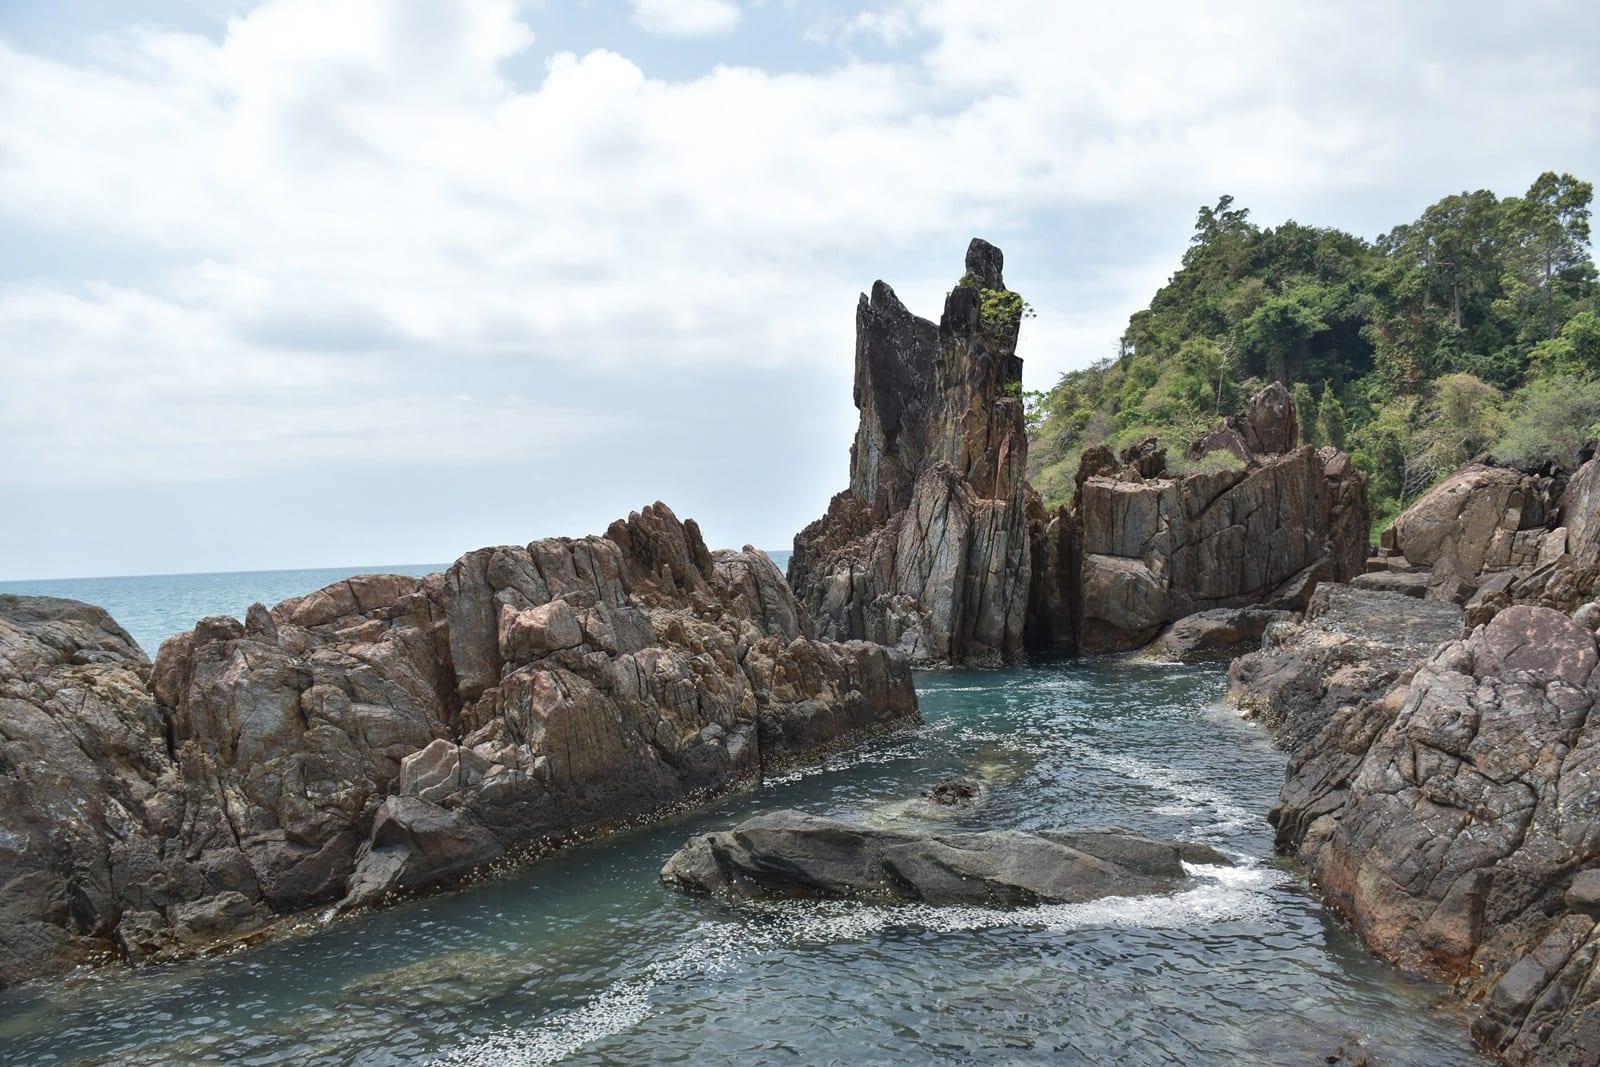 ที่เที่ยวตราด, เกาะช้าง ตราด, รีวิวเกาะช้าง, เที่ยวเกาะช้าง